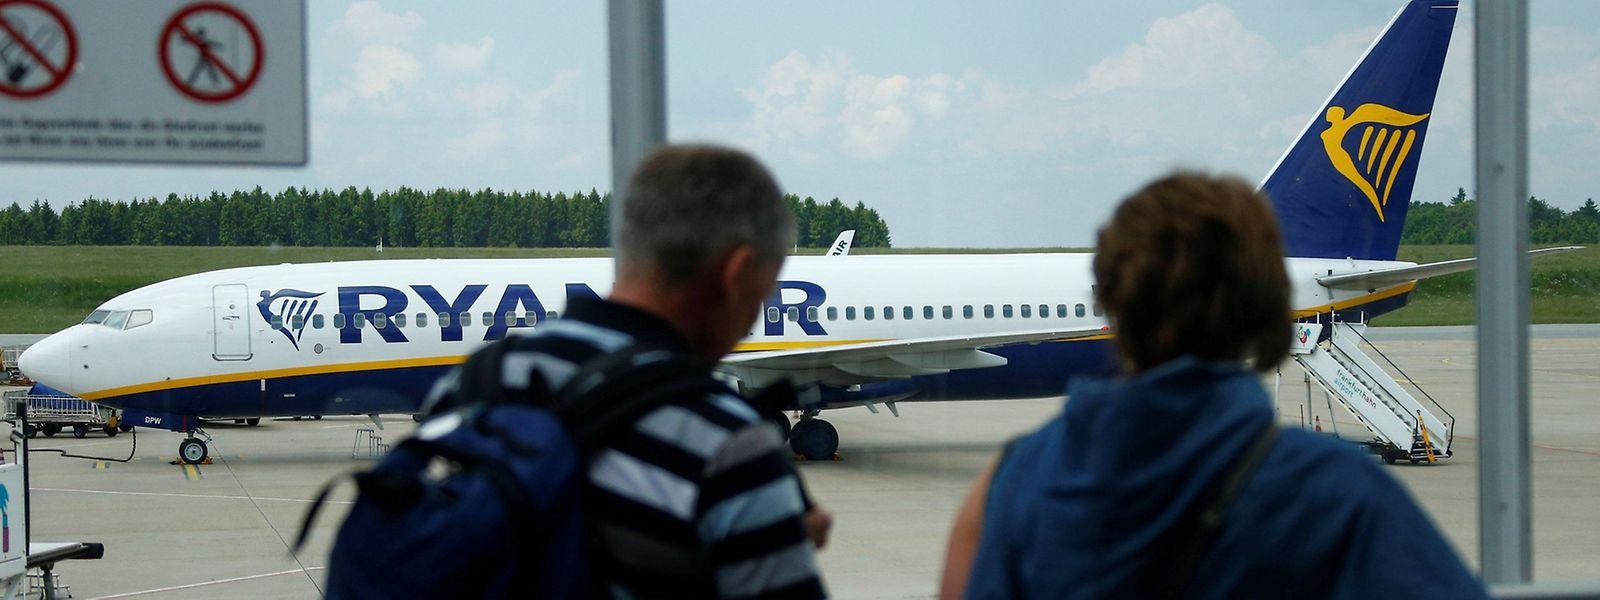 Rheinland-Pfalz hat bereits einen Kaufvertrag über seine Anteile in Höhe von 82,5 Prozent mit dem weithin unbekannten Unternehmen SYT unterschrieben.